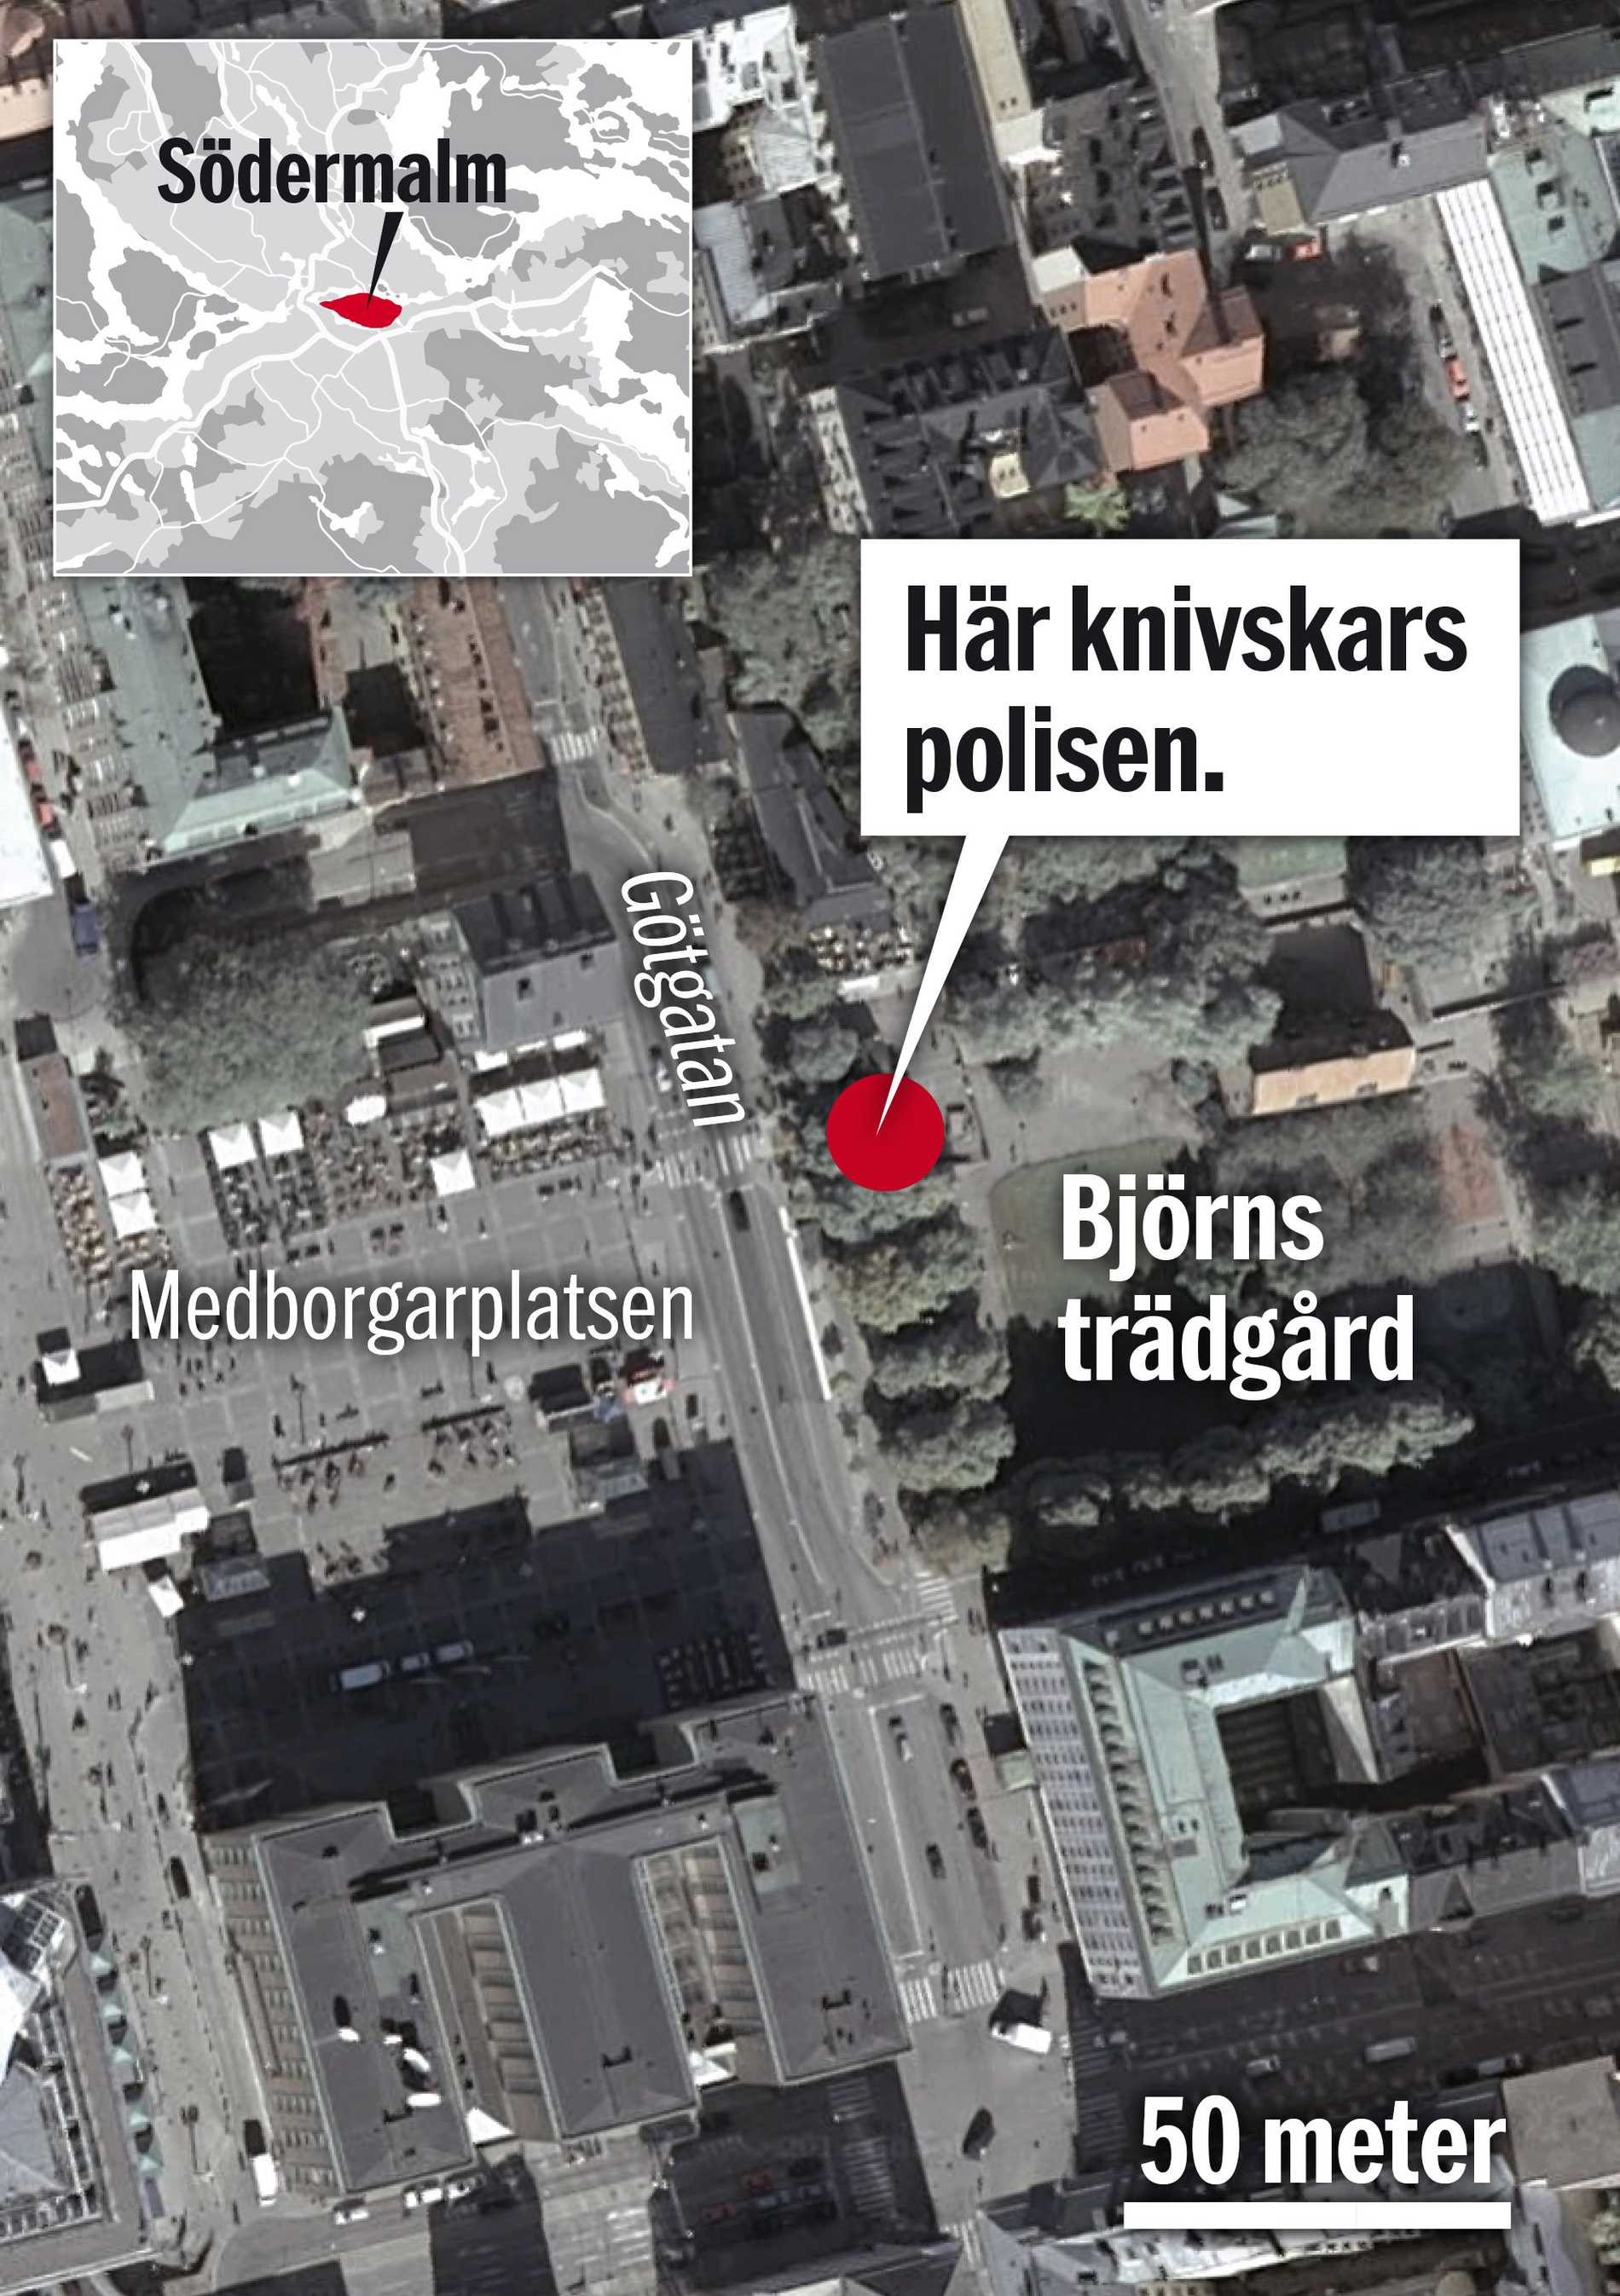 GRAFIK: Fredrik Persson